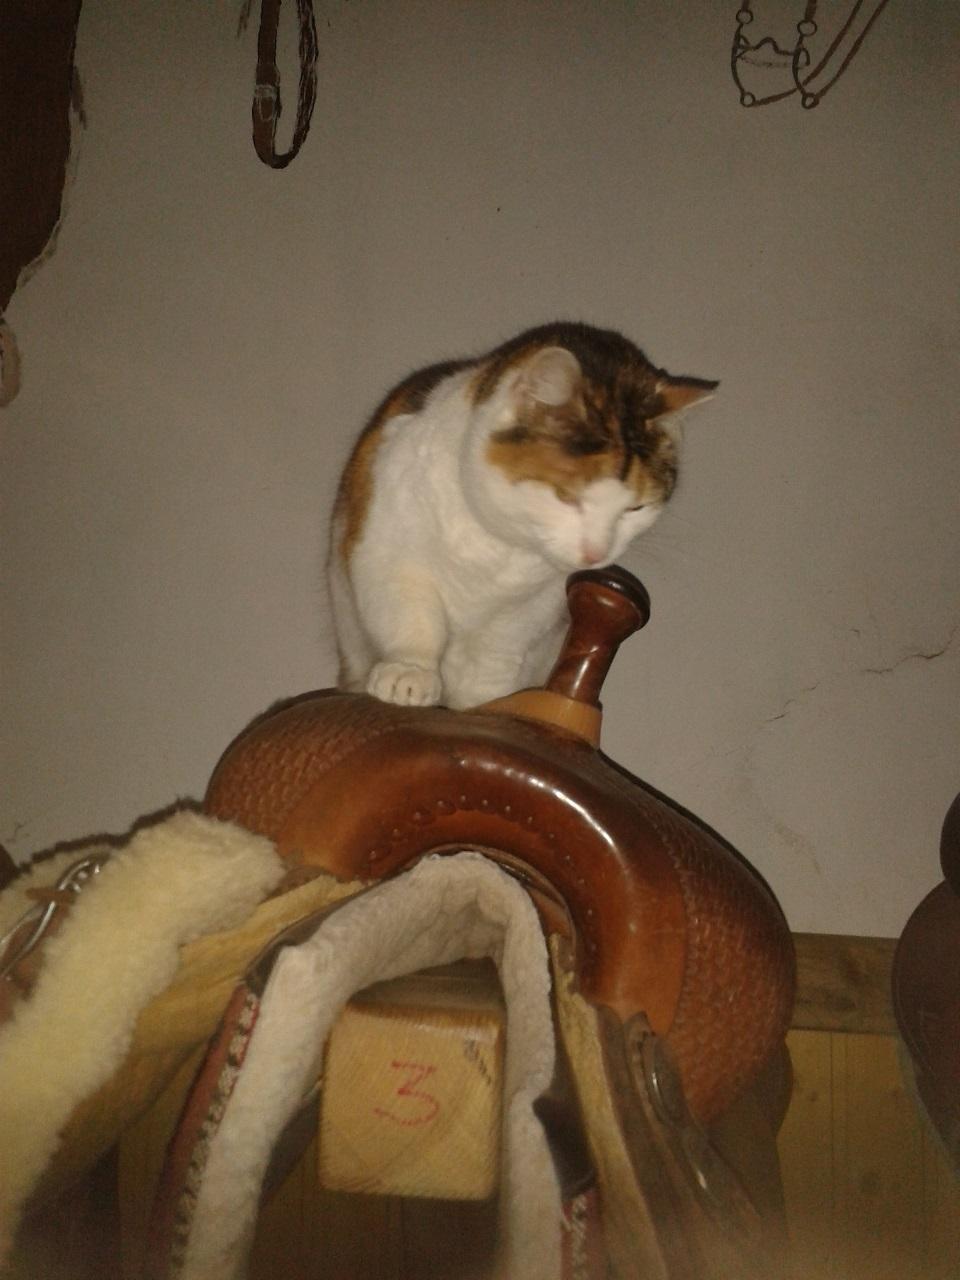 Kittie bei der Sattelkontrolle.